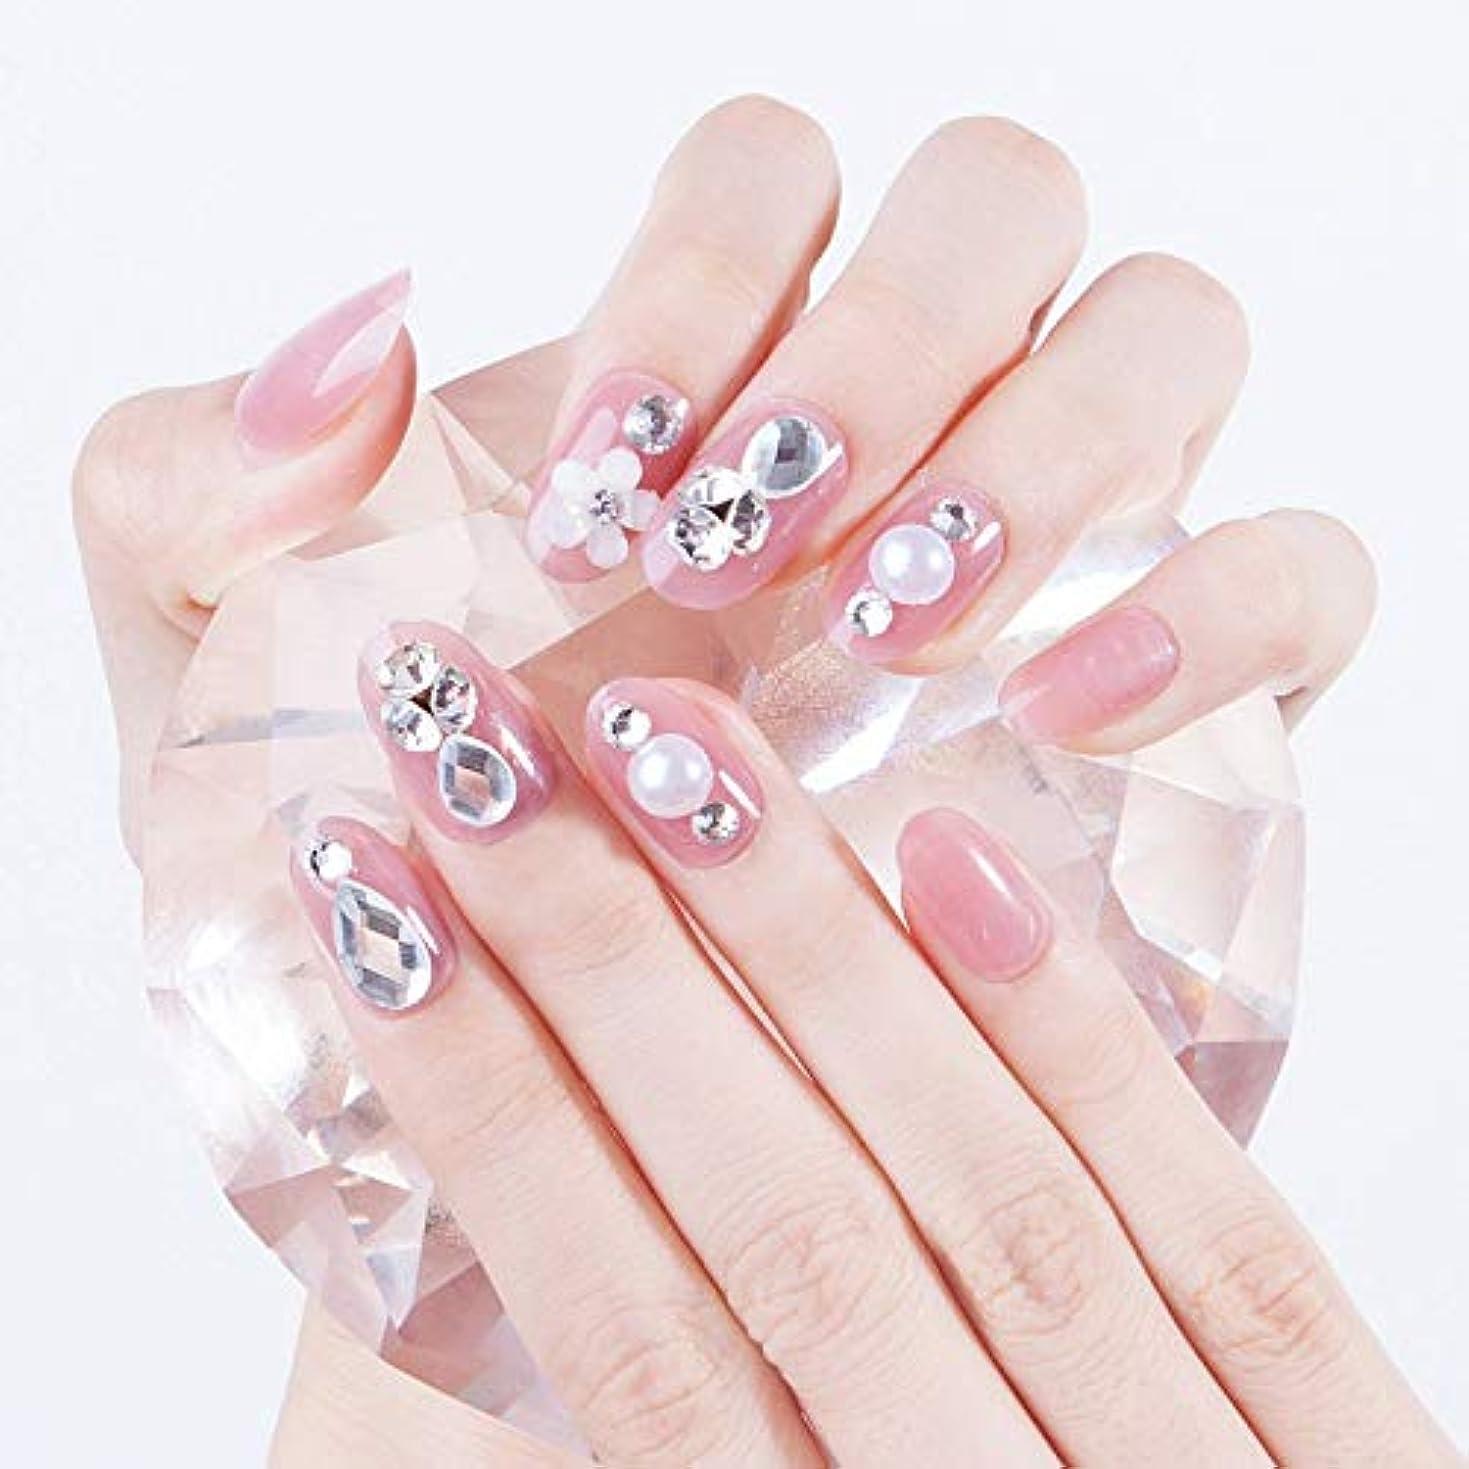 レンジお手入れはずスウィートピンク 水滴タイプアクリルや3D花飾り、キラキララインストーンなどのデコレーション 花嫁ネイルチップ 手作りつけ爪 ネイルジュエリー ネイルアート